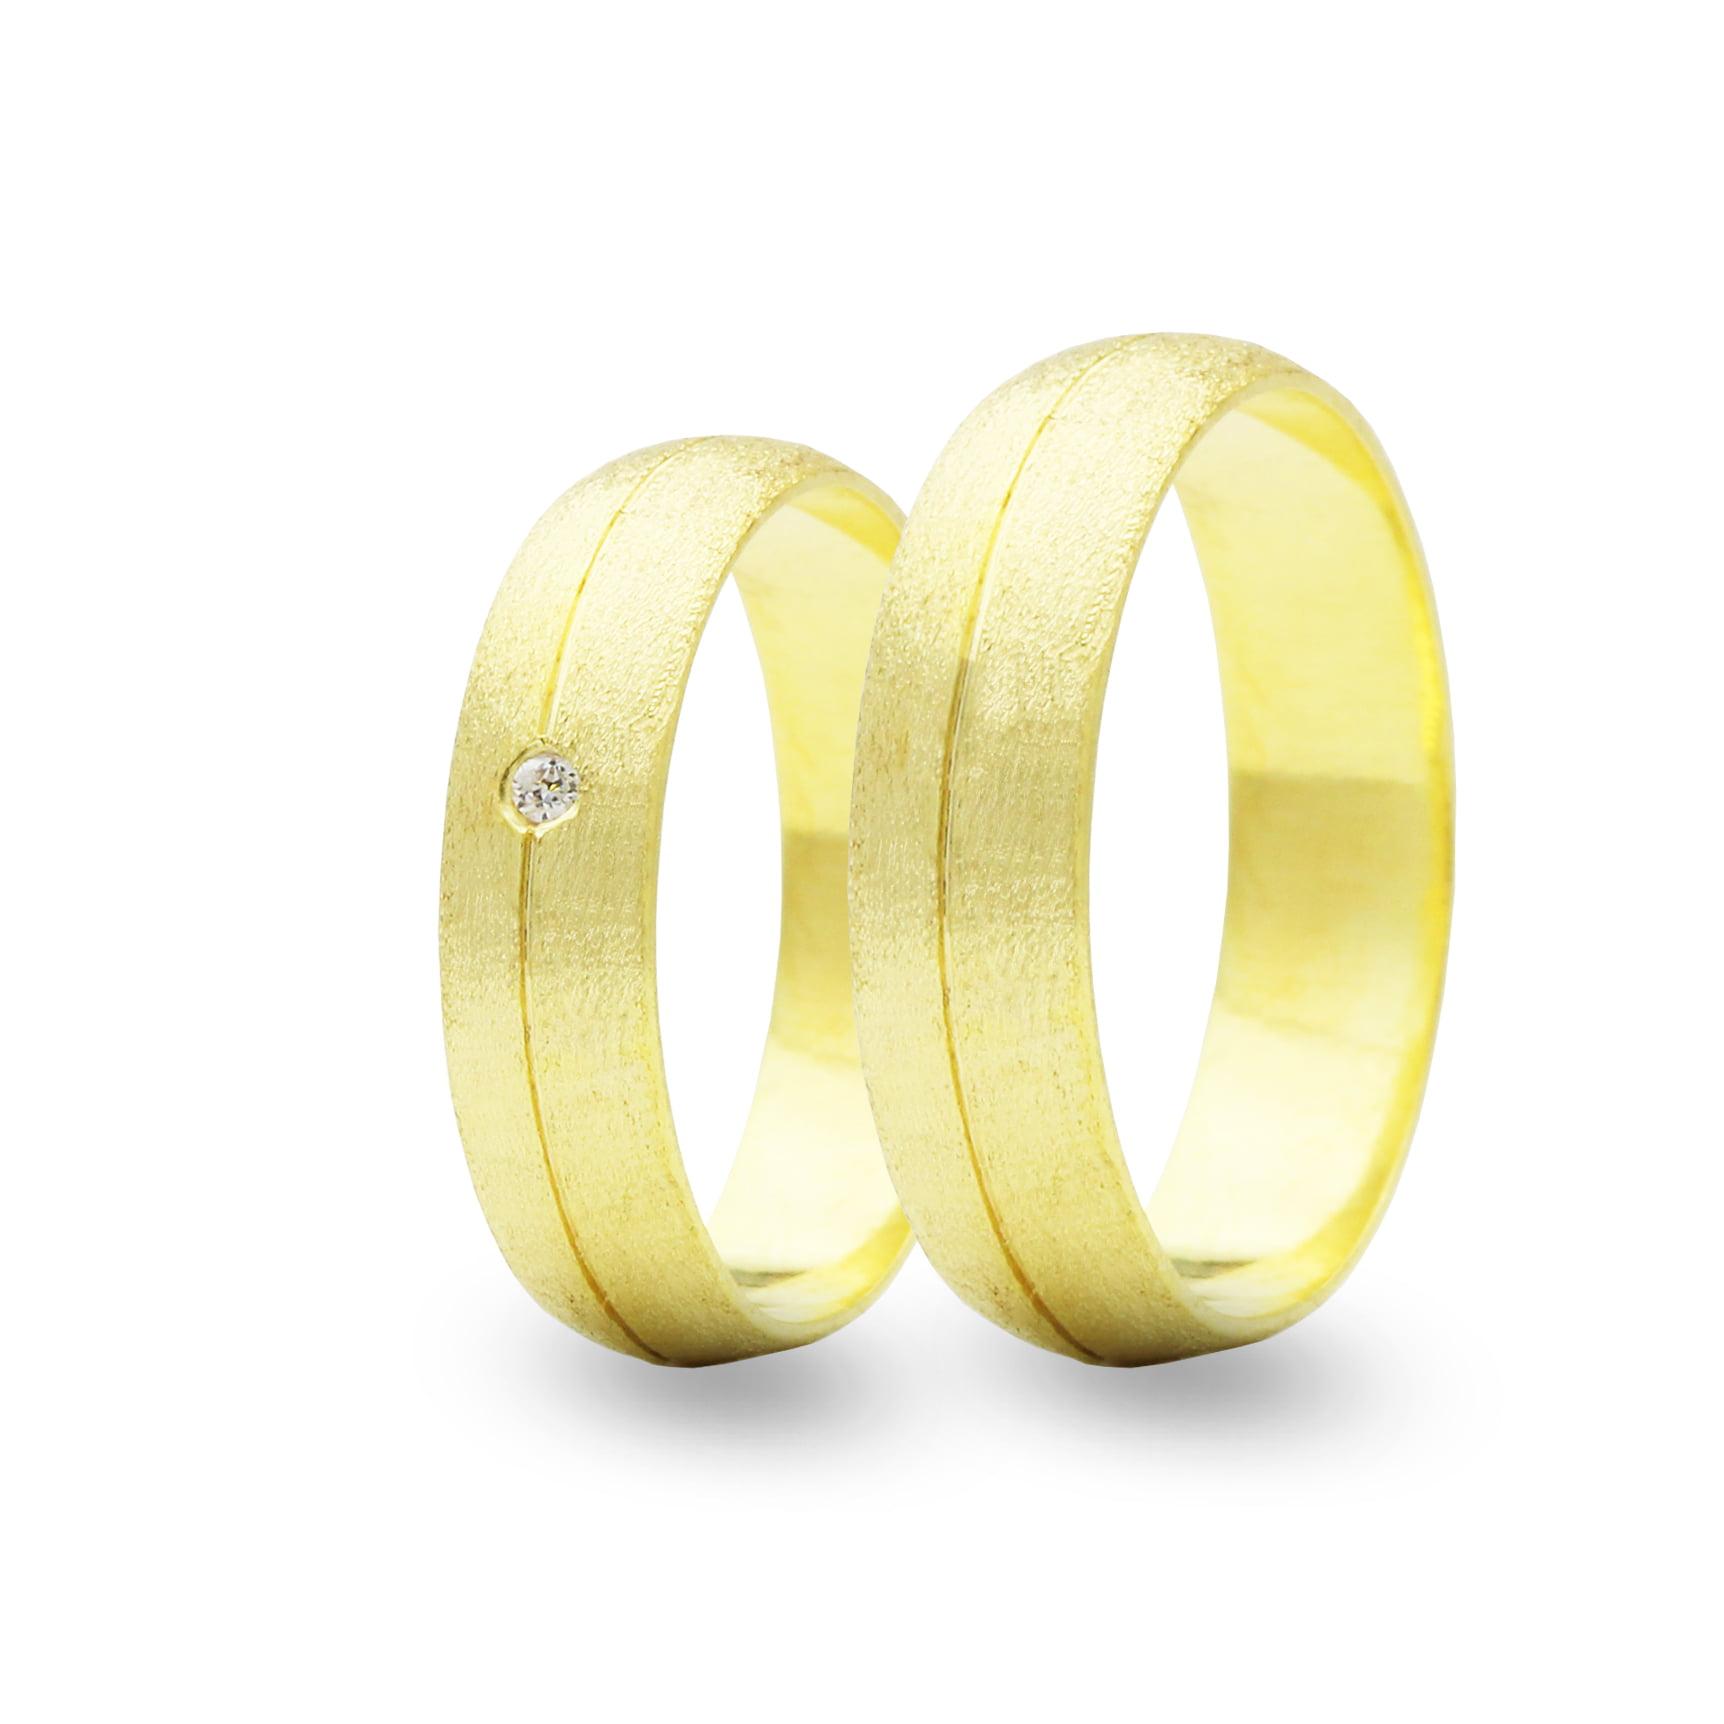 Par de Alianças em Ouro 18k 6 gramas 4,5mm de largura – Abaulada Trabalhada com 1 Zircônia